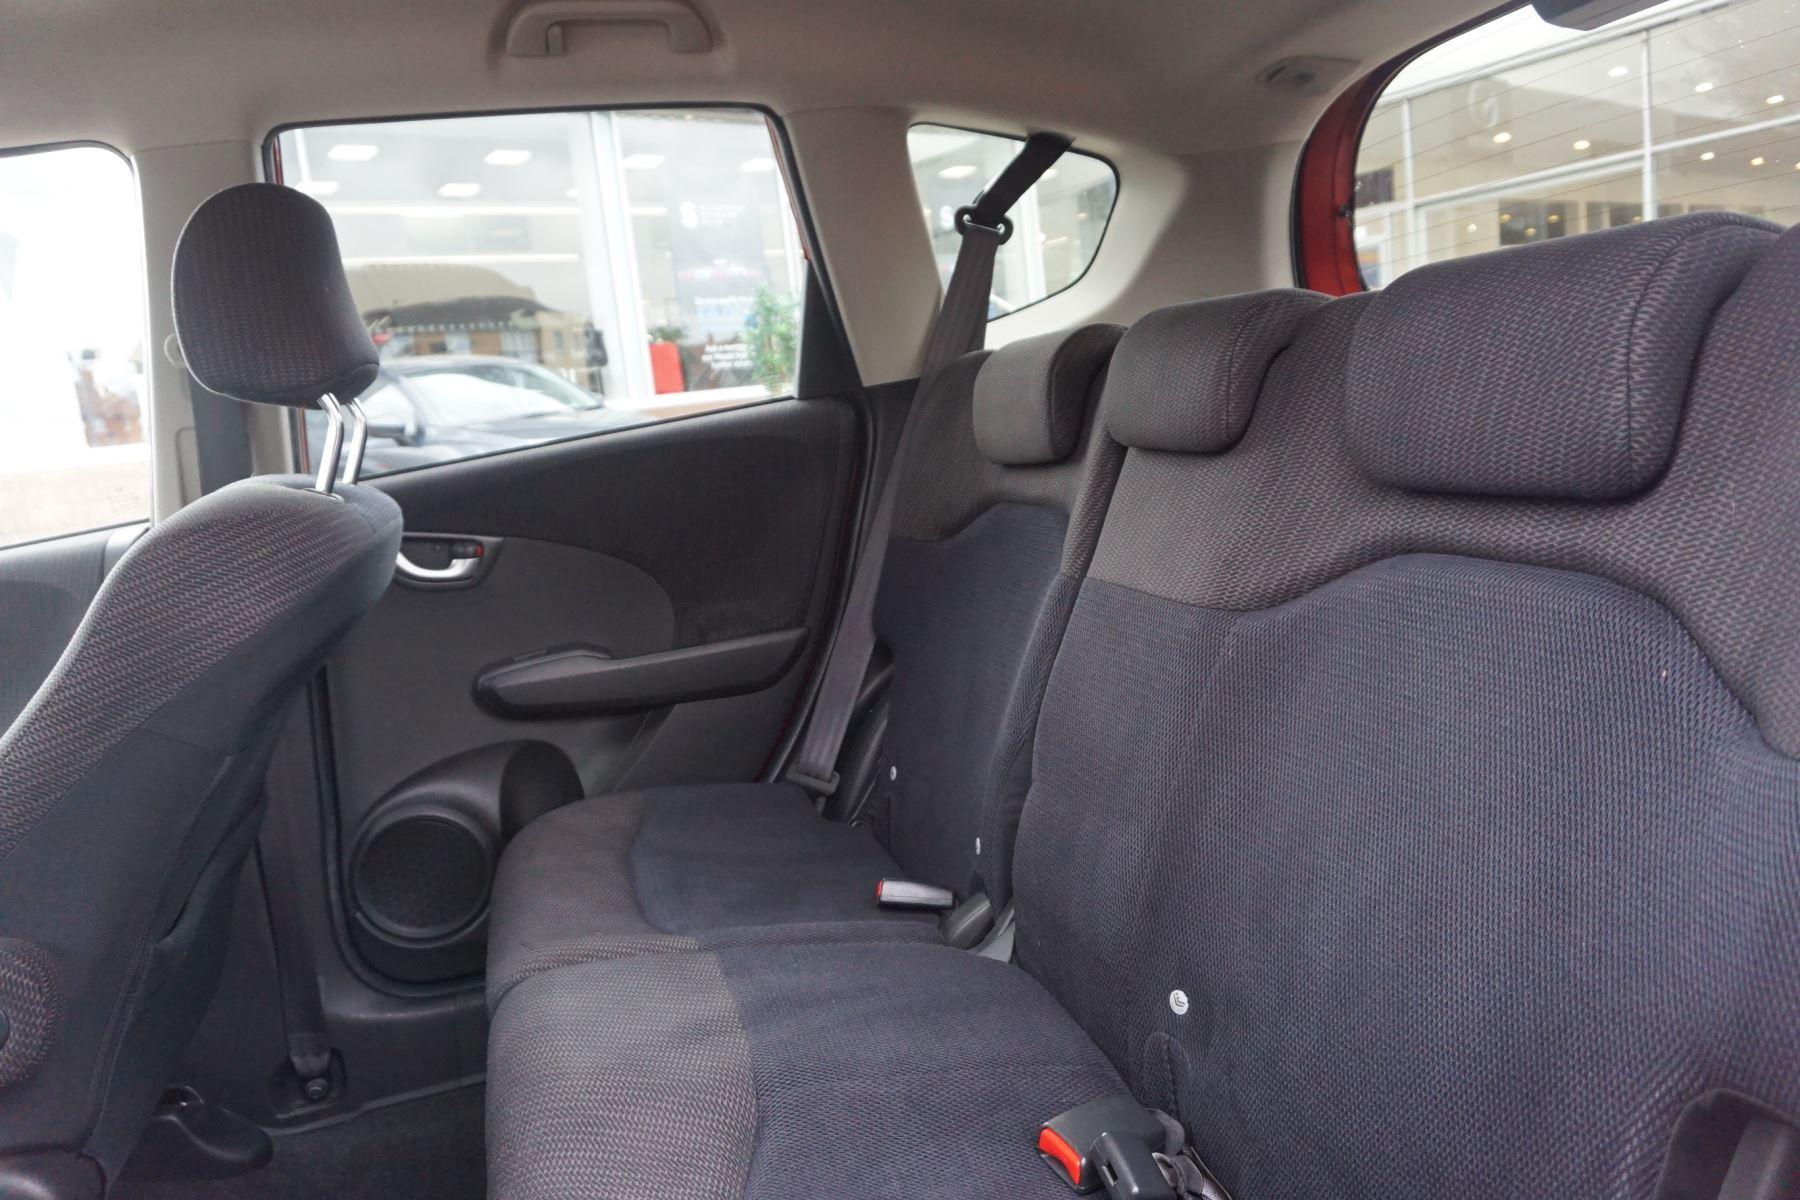 Honda Jazz 1.4 i-VTEC ES Plus CVT image 9